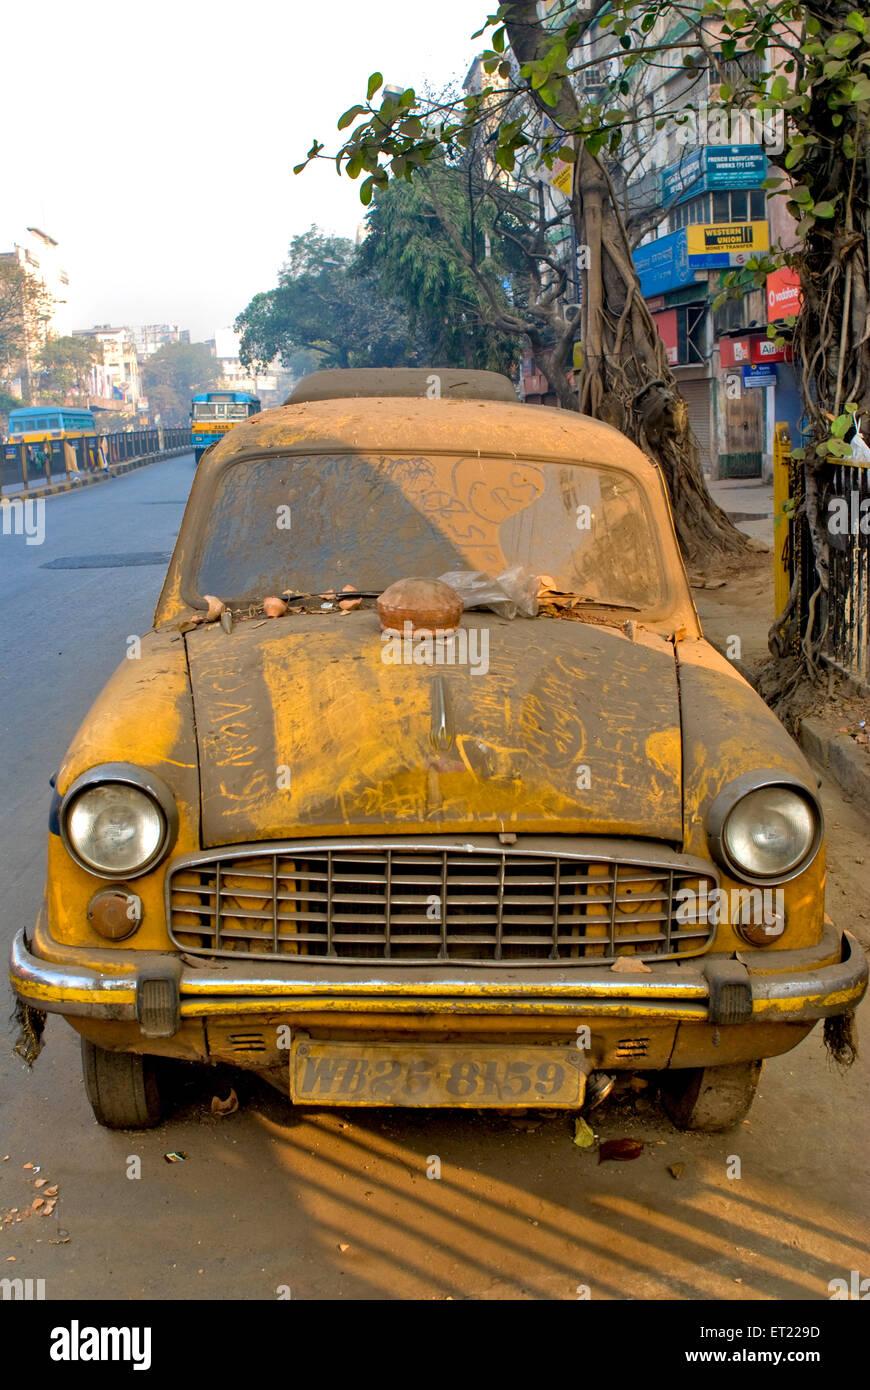 Alten ungenutzten verworfen bedeckt mit Staub Taxi Bhowanipur Kalkutta Kolkata West Bengal Indien Stockbild